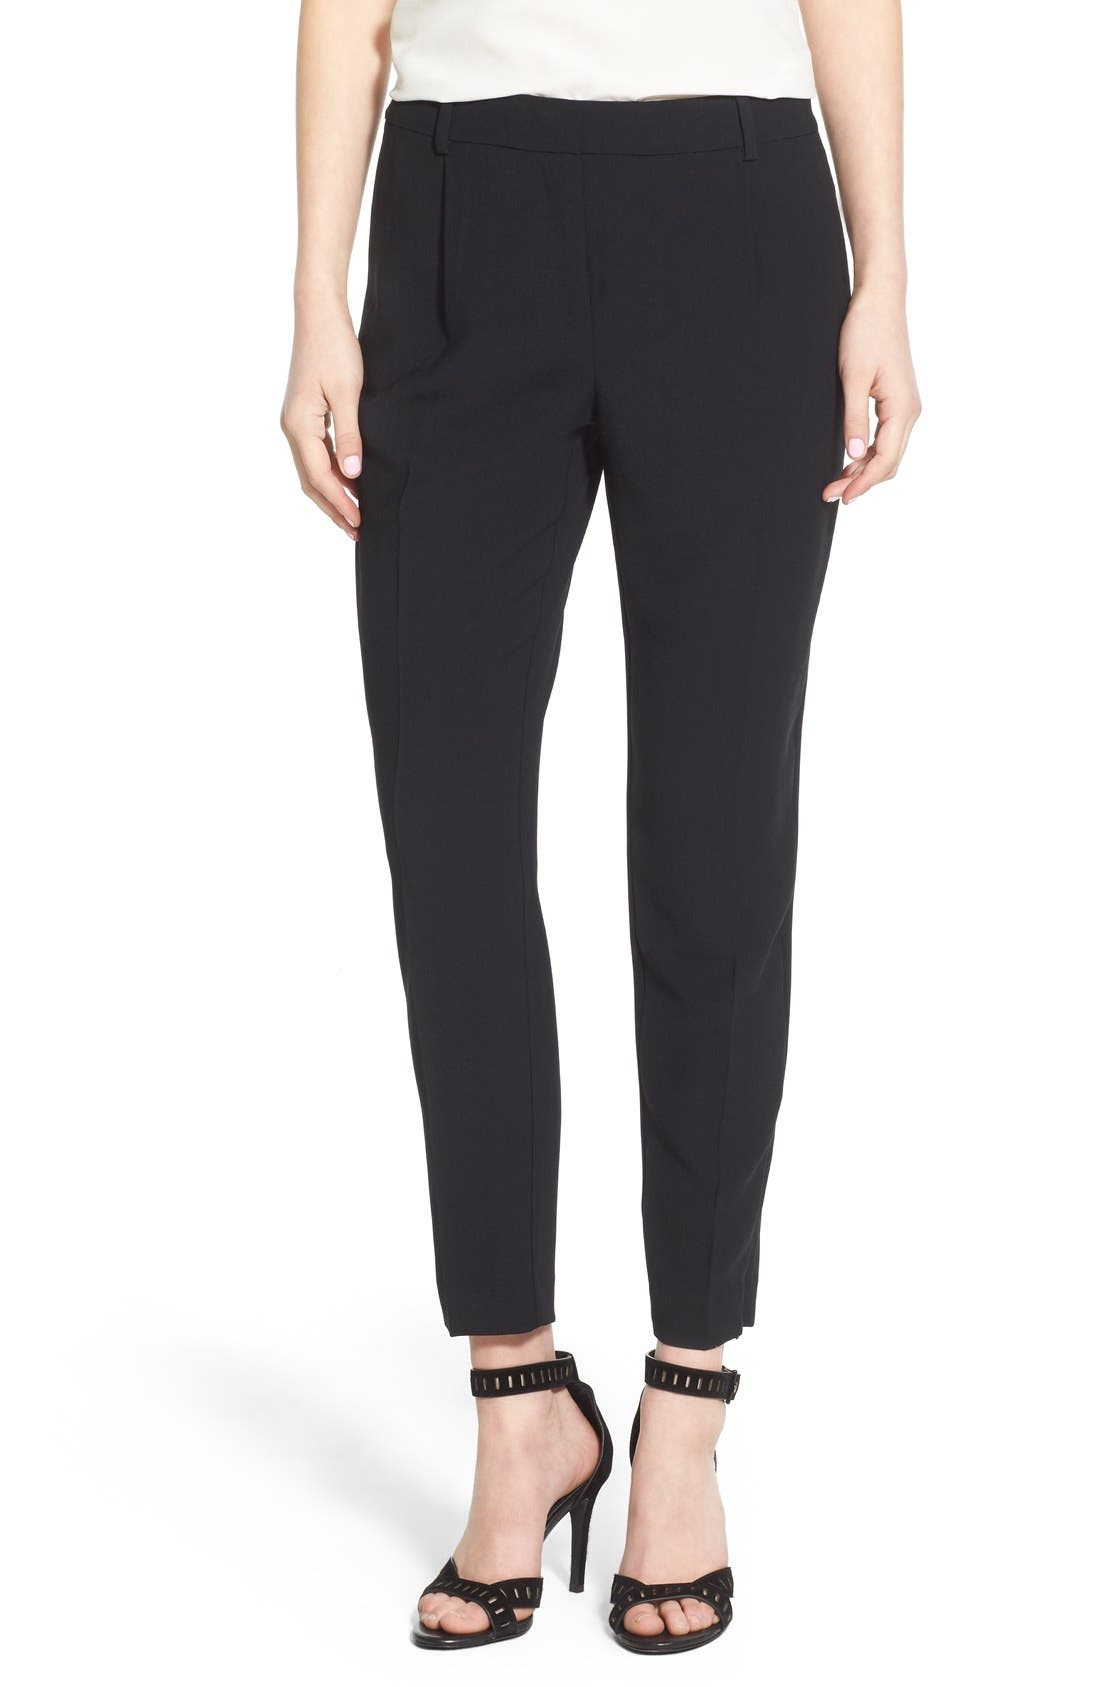 Alternate Image 1 Selected - Trouvé High Waist Pleat Front Crop Pants